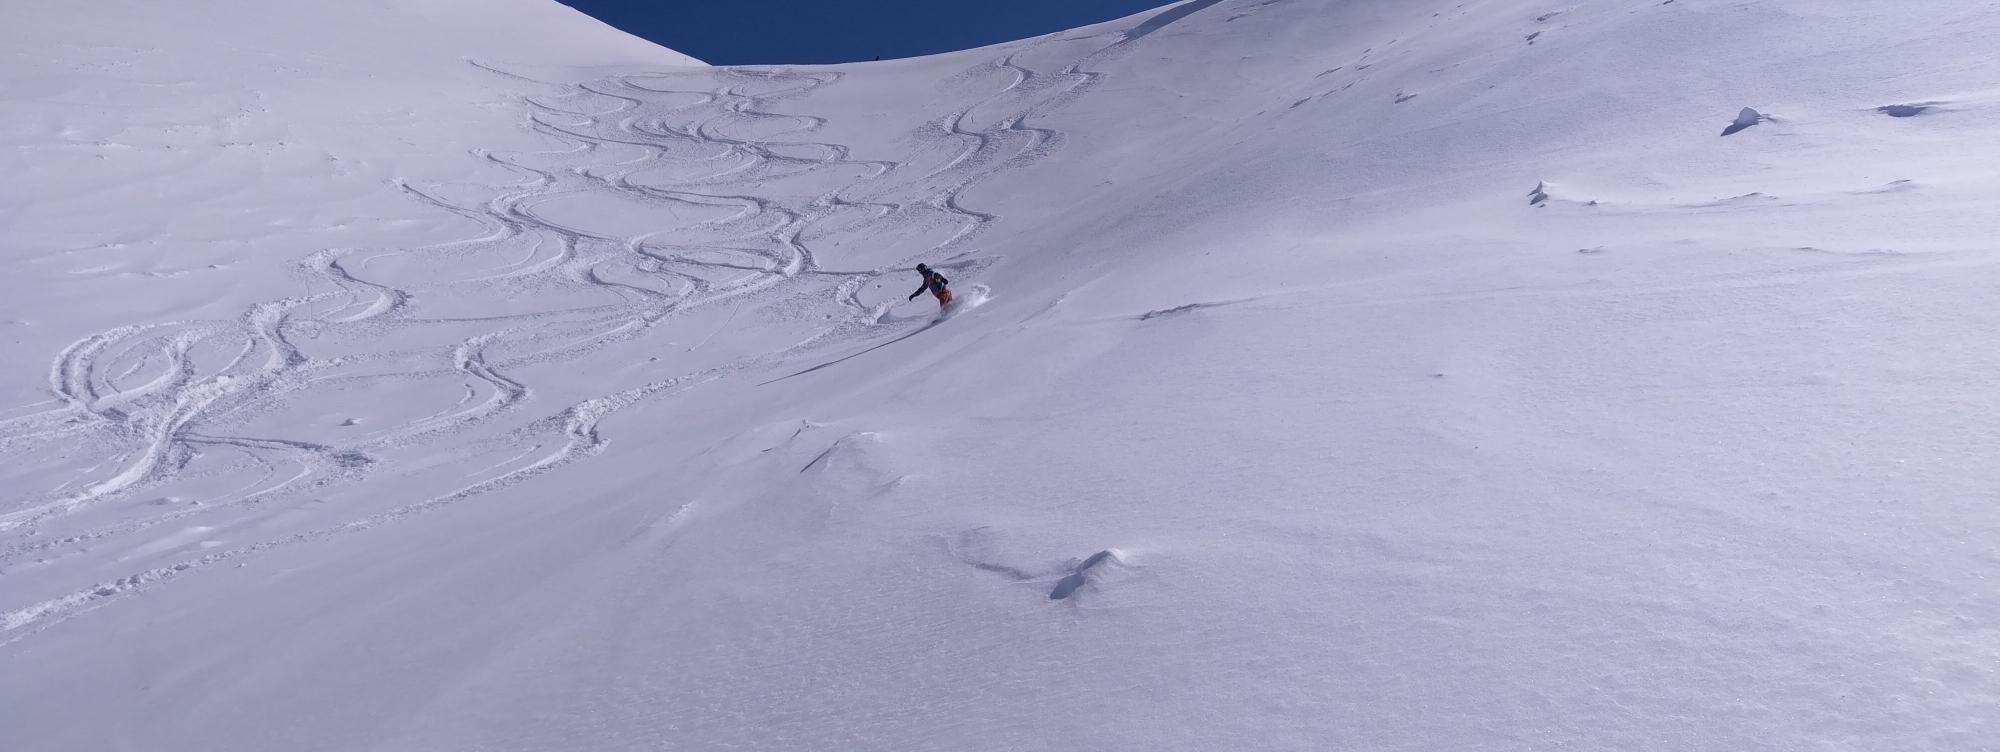 snow report FR, Barèges - La Mongie (65)